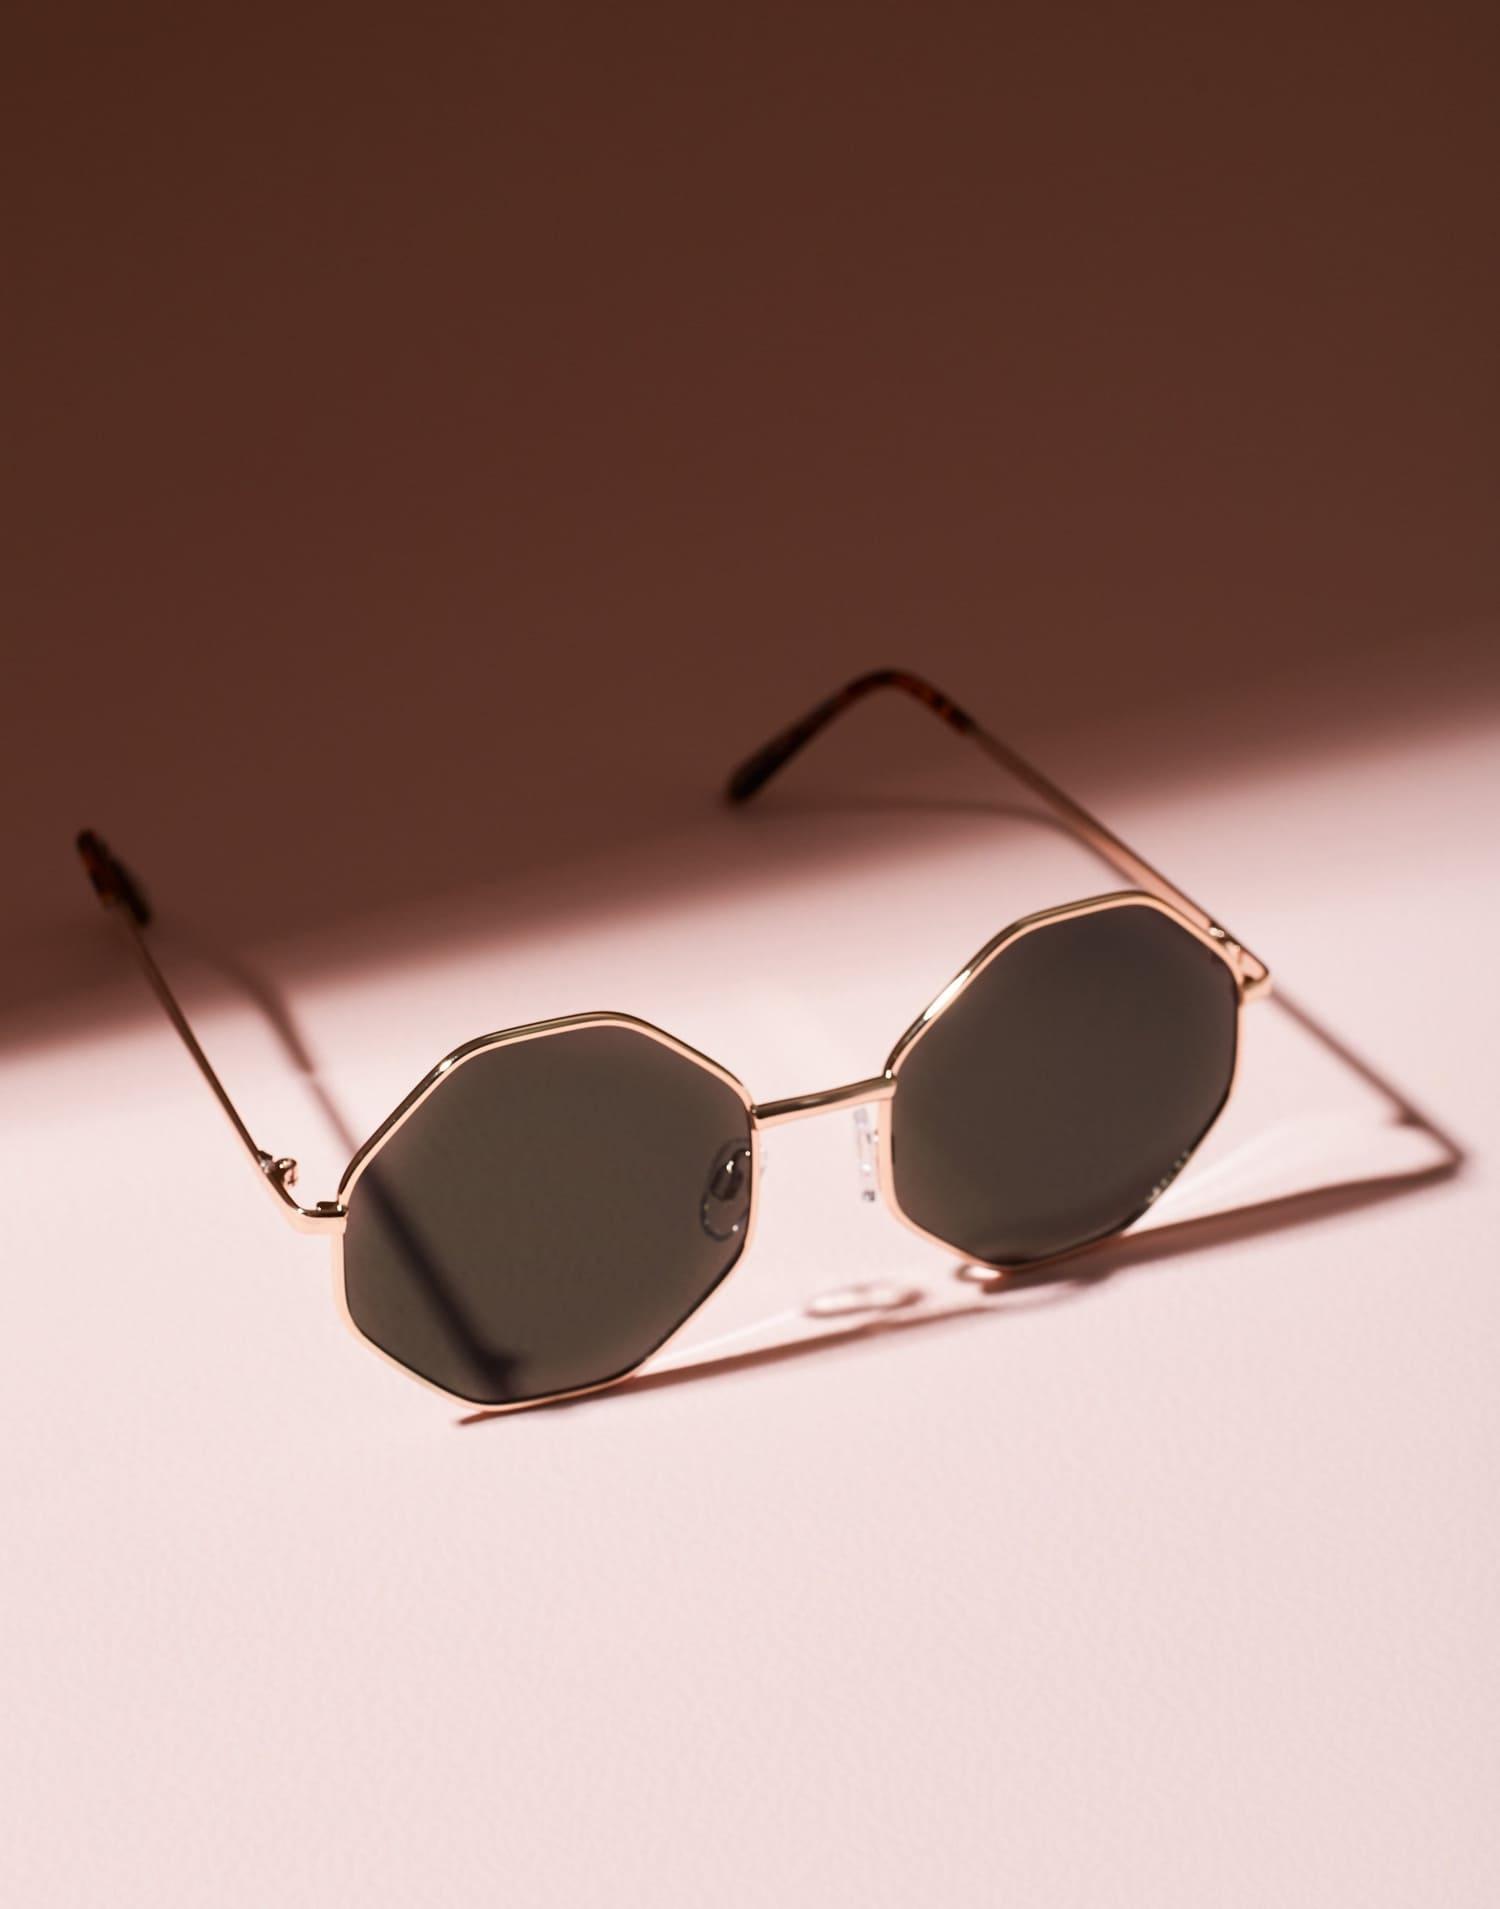 Solglasögon från Missguided med svarta linser med gulddetaljer